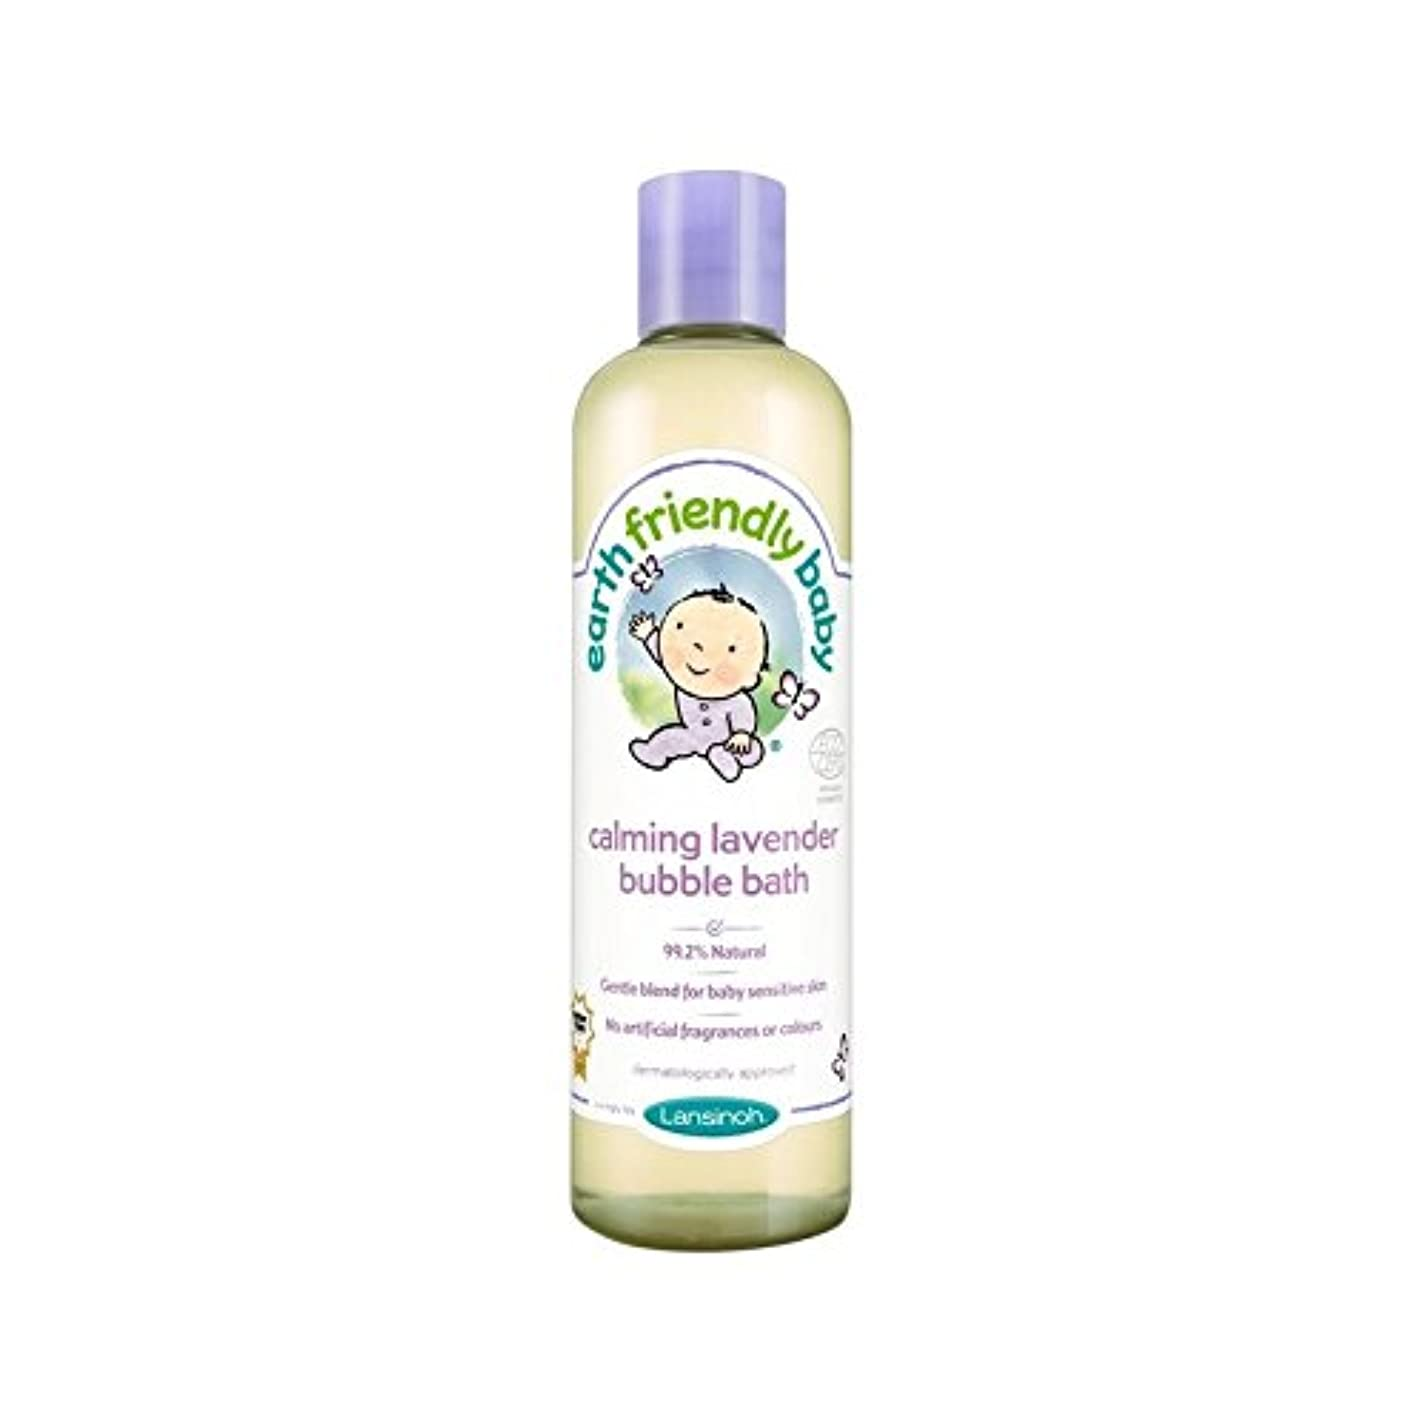 課す無臭呼吸赤ちゃん沈静ラベンダー泡風呂のエコサートの300ミリリットル (Earth Friendly) (x 6) - Earth Friendly Baby Calming Lavender Bubble Bath ECOCERT 300ml (Pack of 6) [並行輸入品]